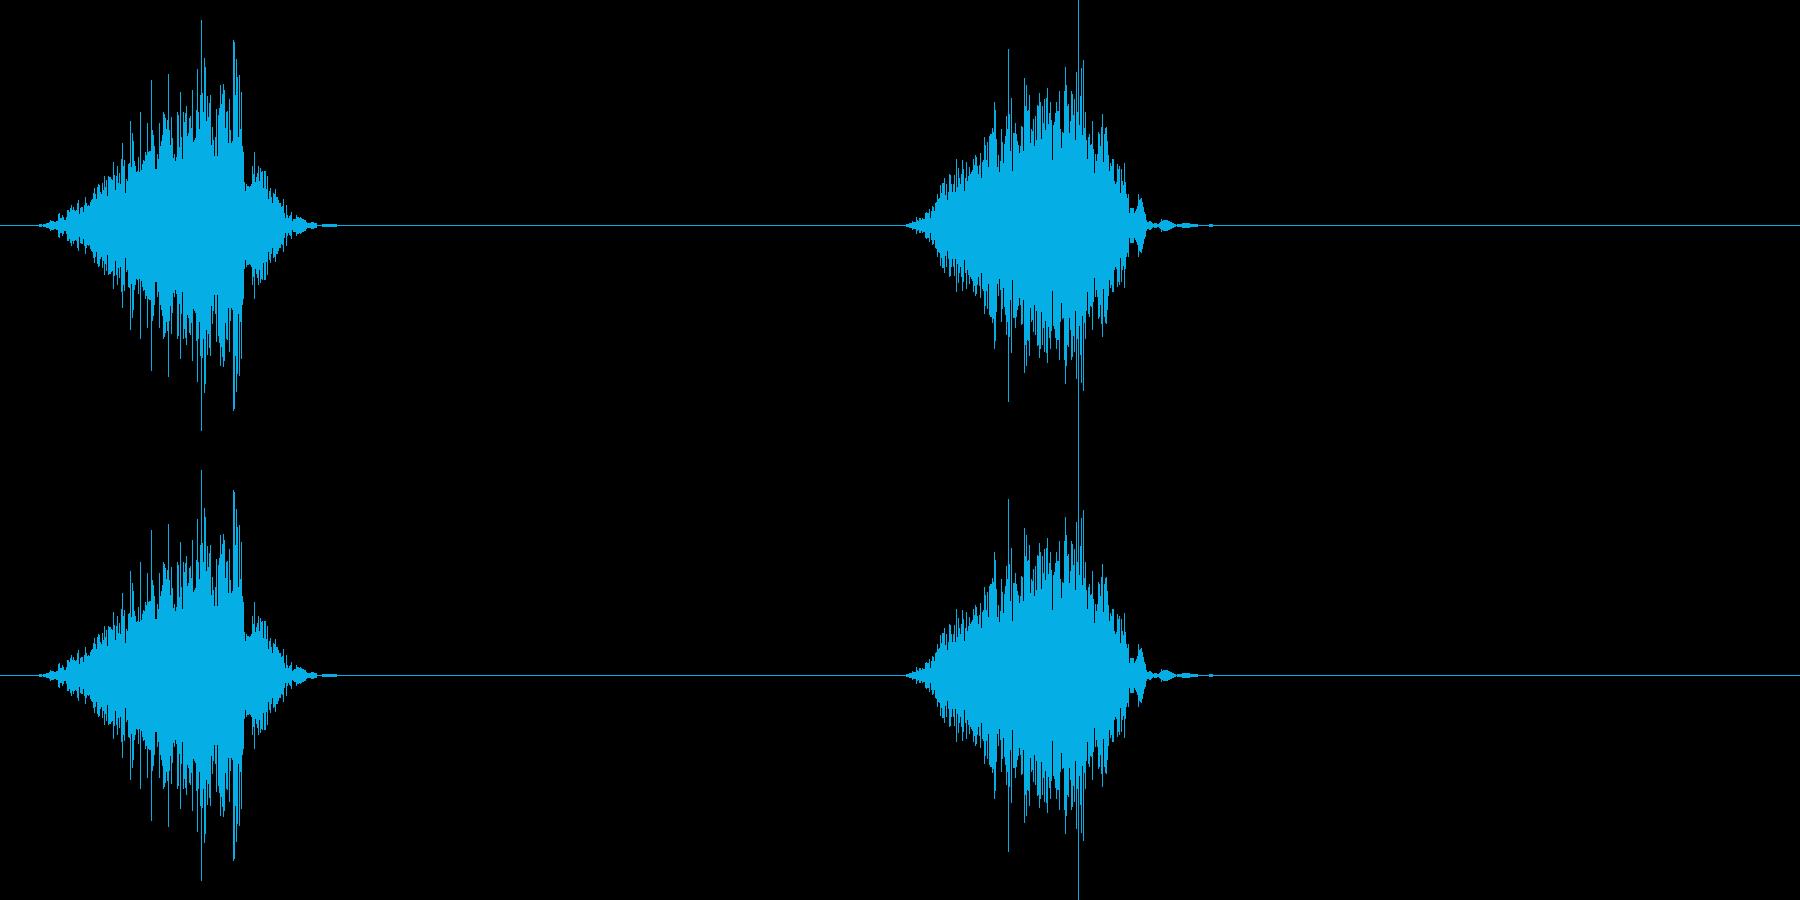 ジャリ、ジャリ(砂を踏んだ音)の再生済みの波形